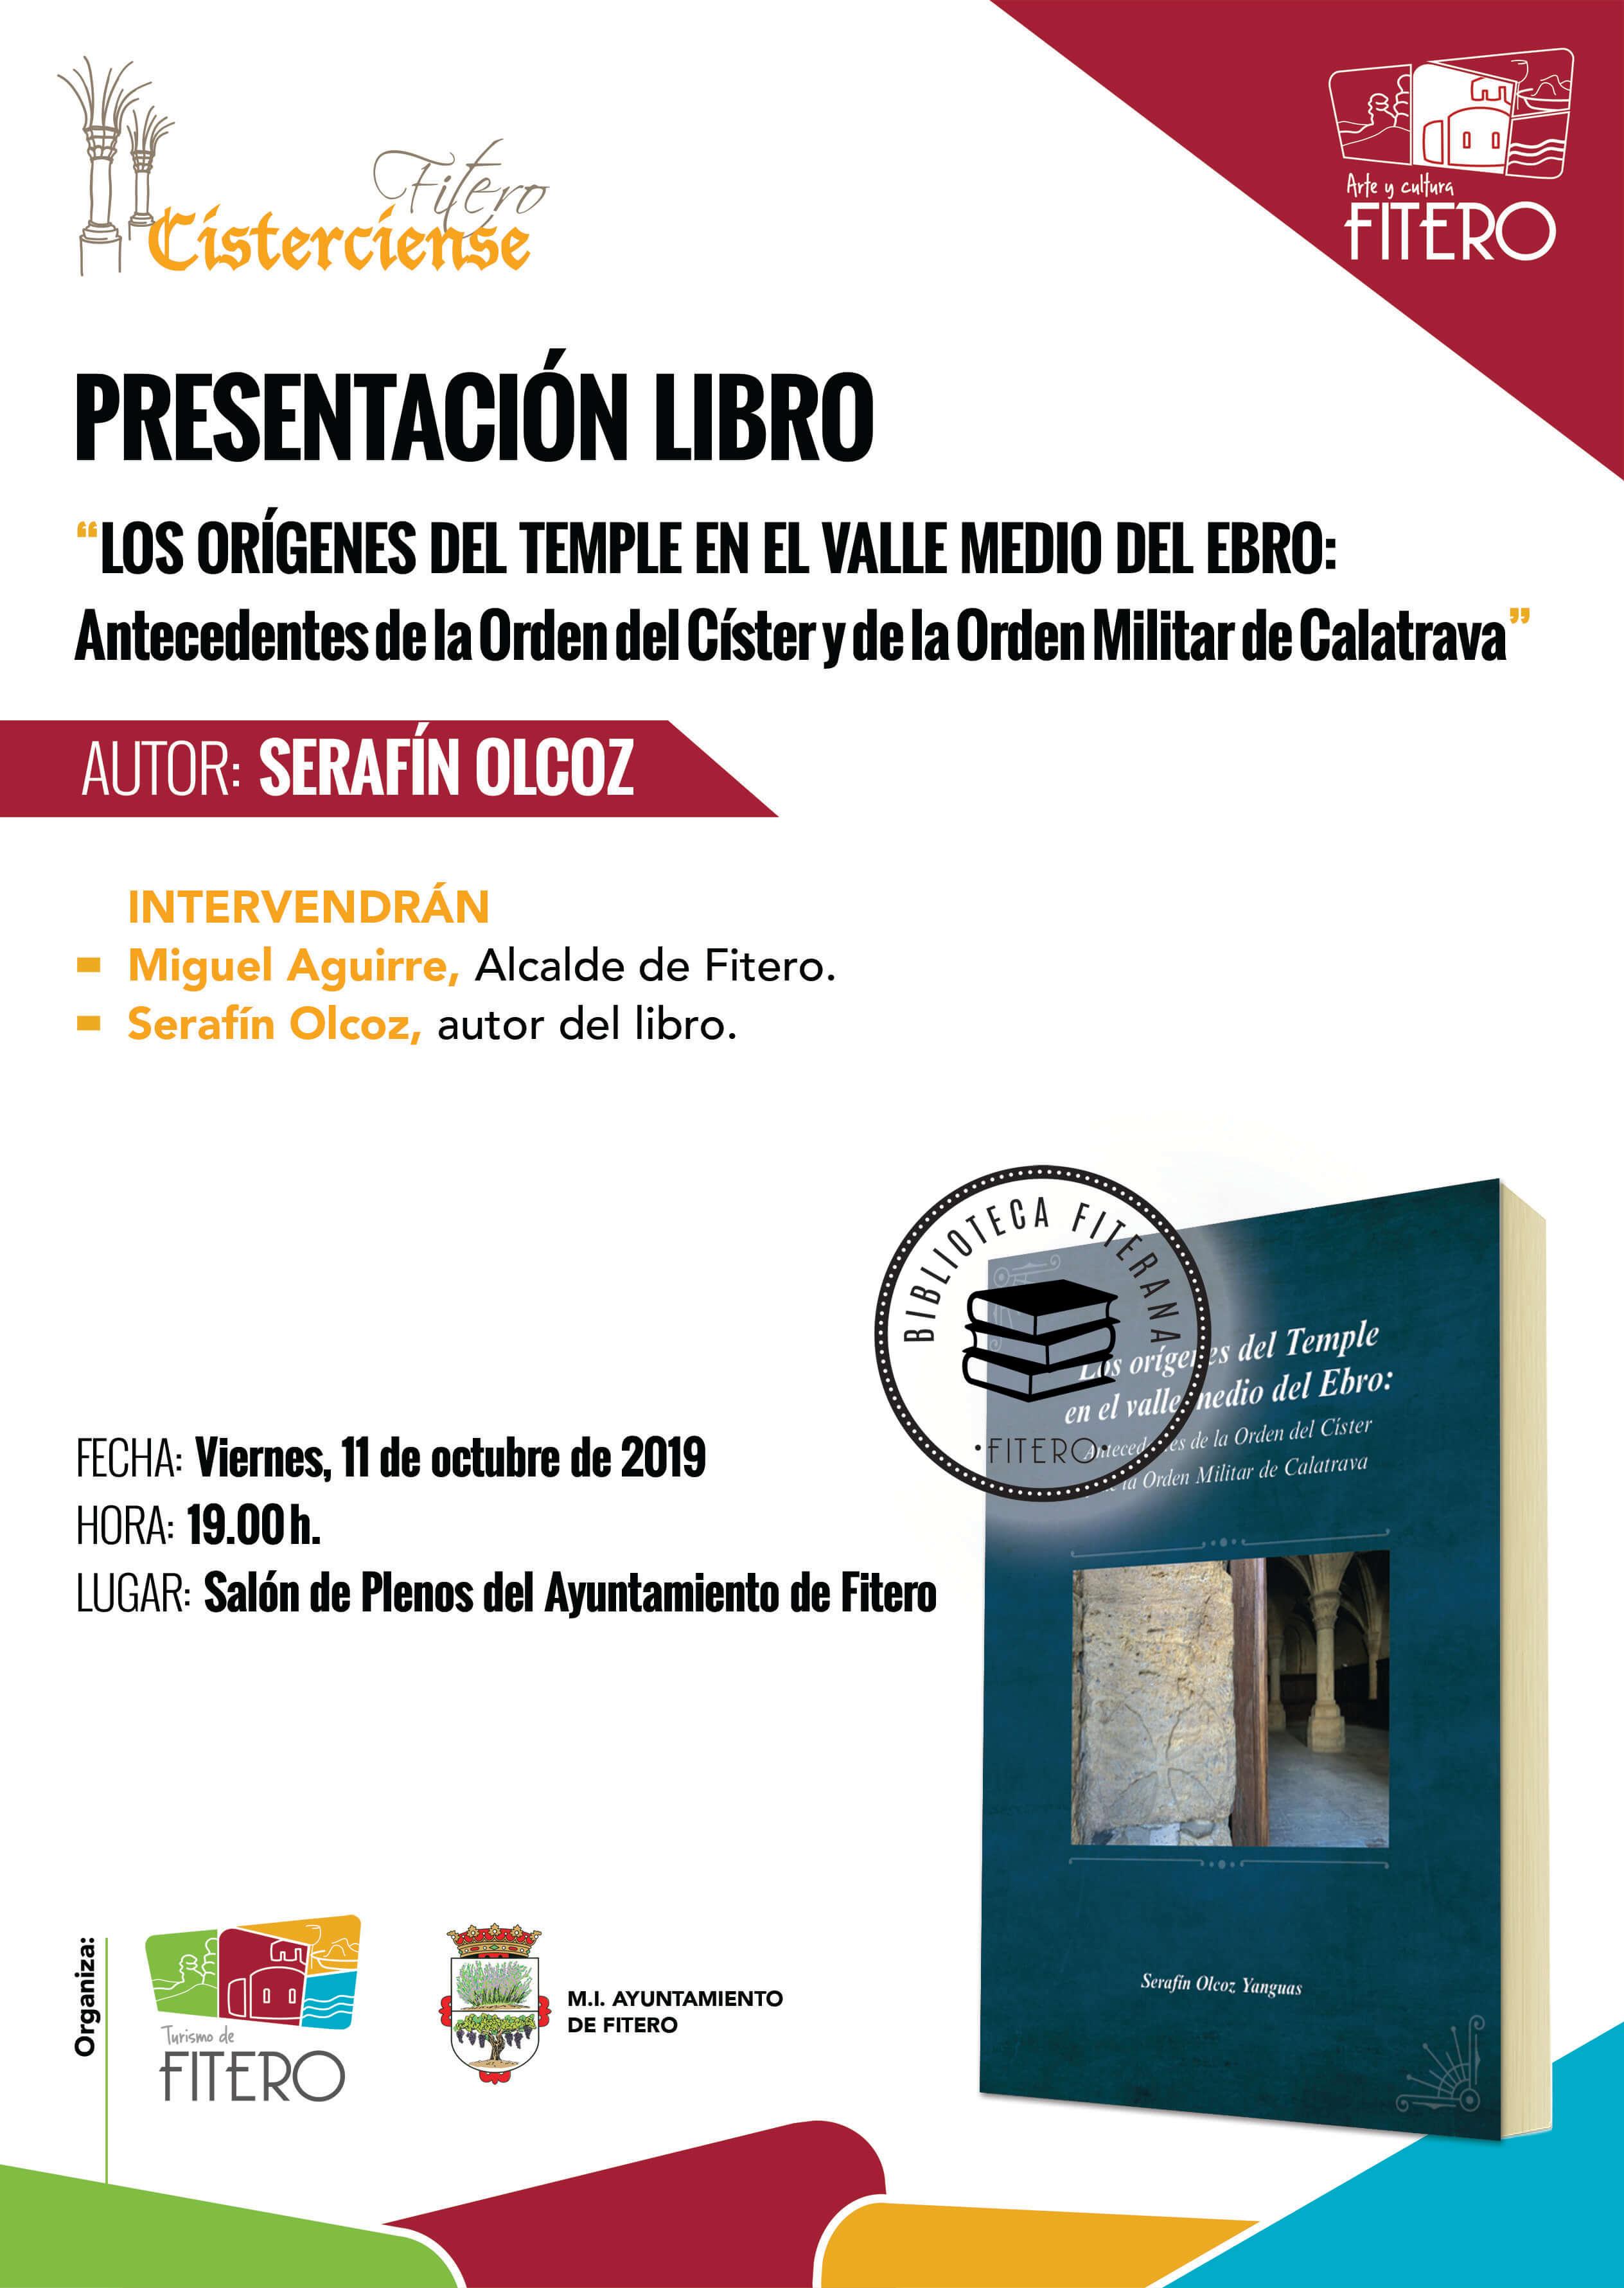 Fitero presenta un nuevo libro acerca de su apasionante historia, titulado: Los orígenes del Temple en el valle medio del Ebro: Antecedentes de la Orden del Císter y de la Orden Militar de Calatrava